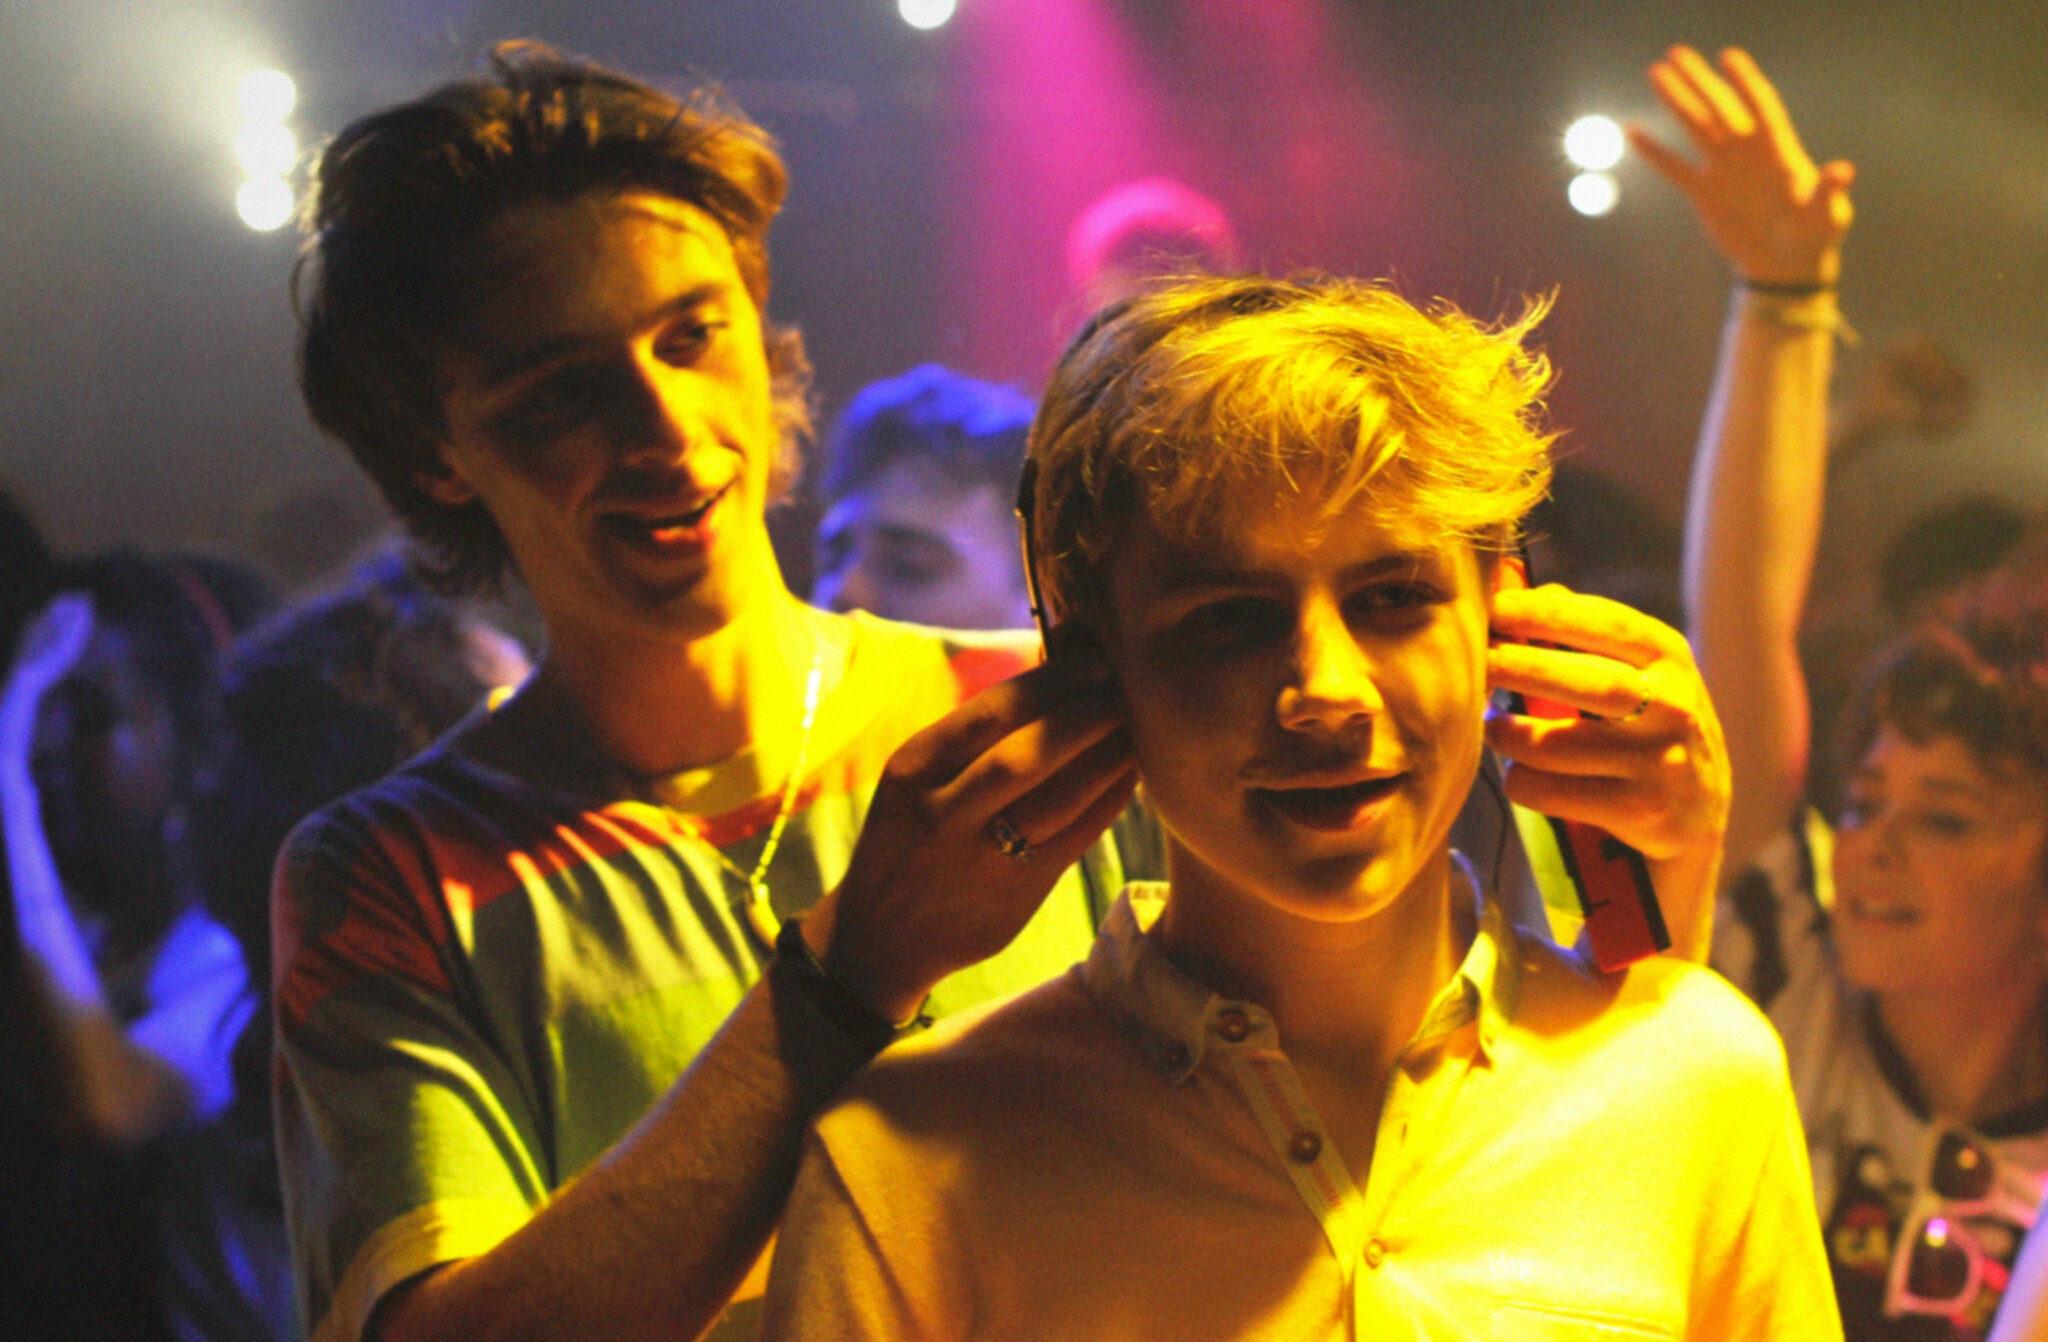 David setzt in Sommer 85 mitten in der Disco Alexis Kopfhörer auf. Im Hintergrund sieht man eine feiernde Meute.